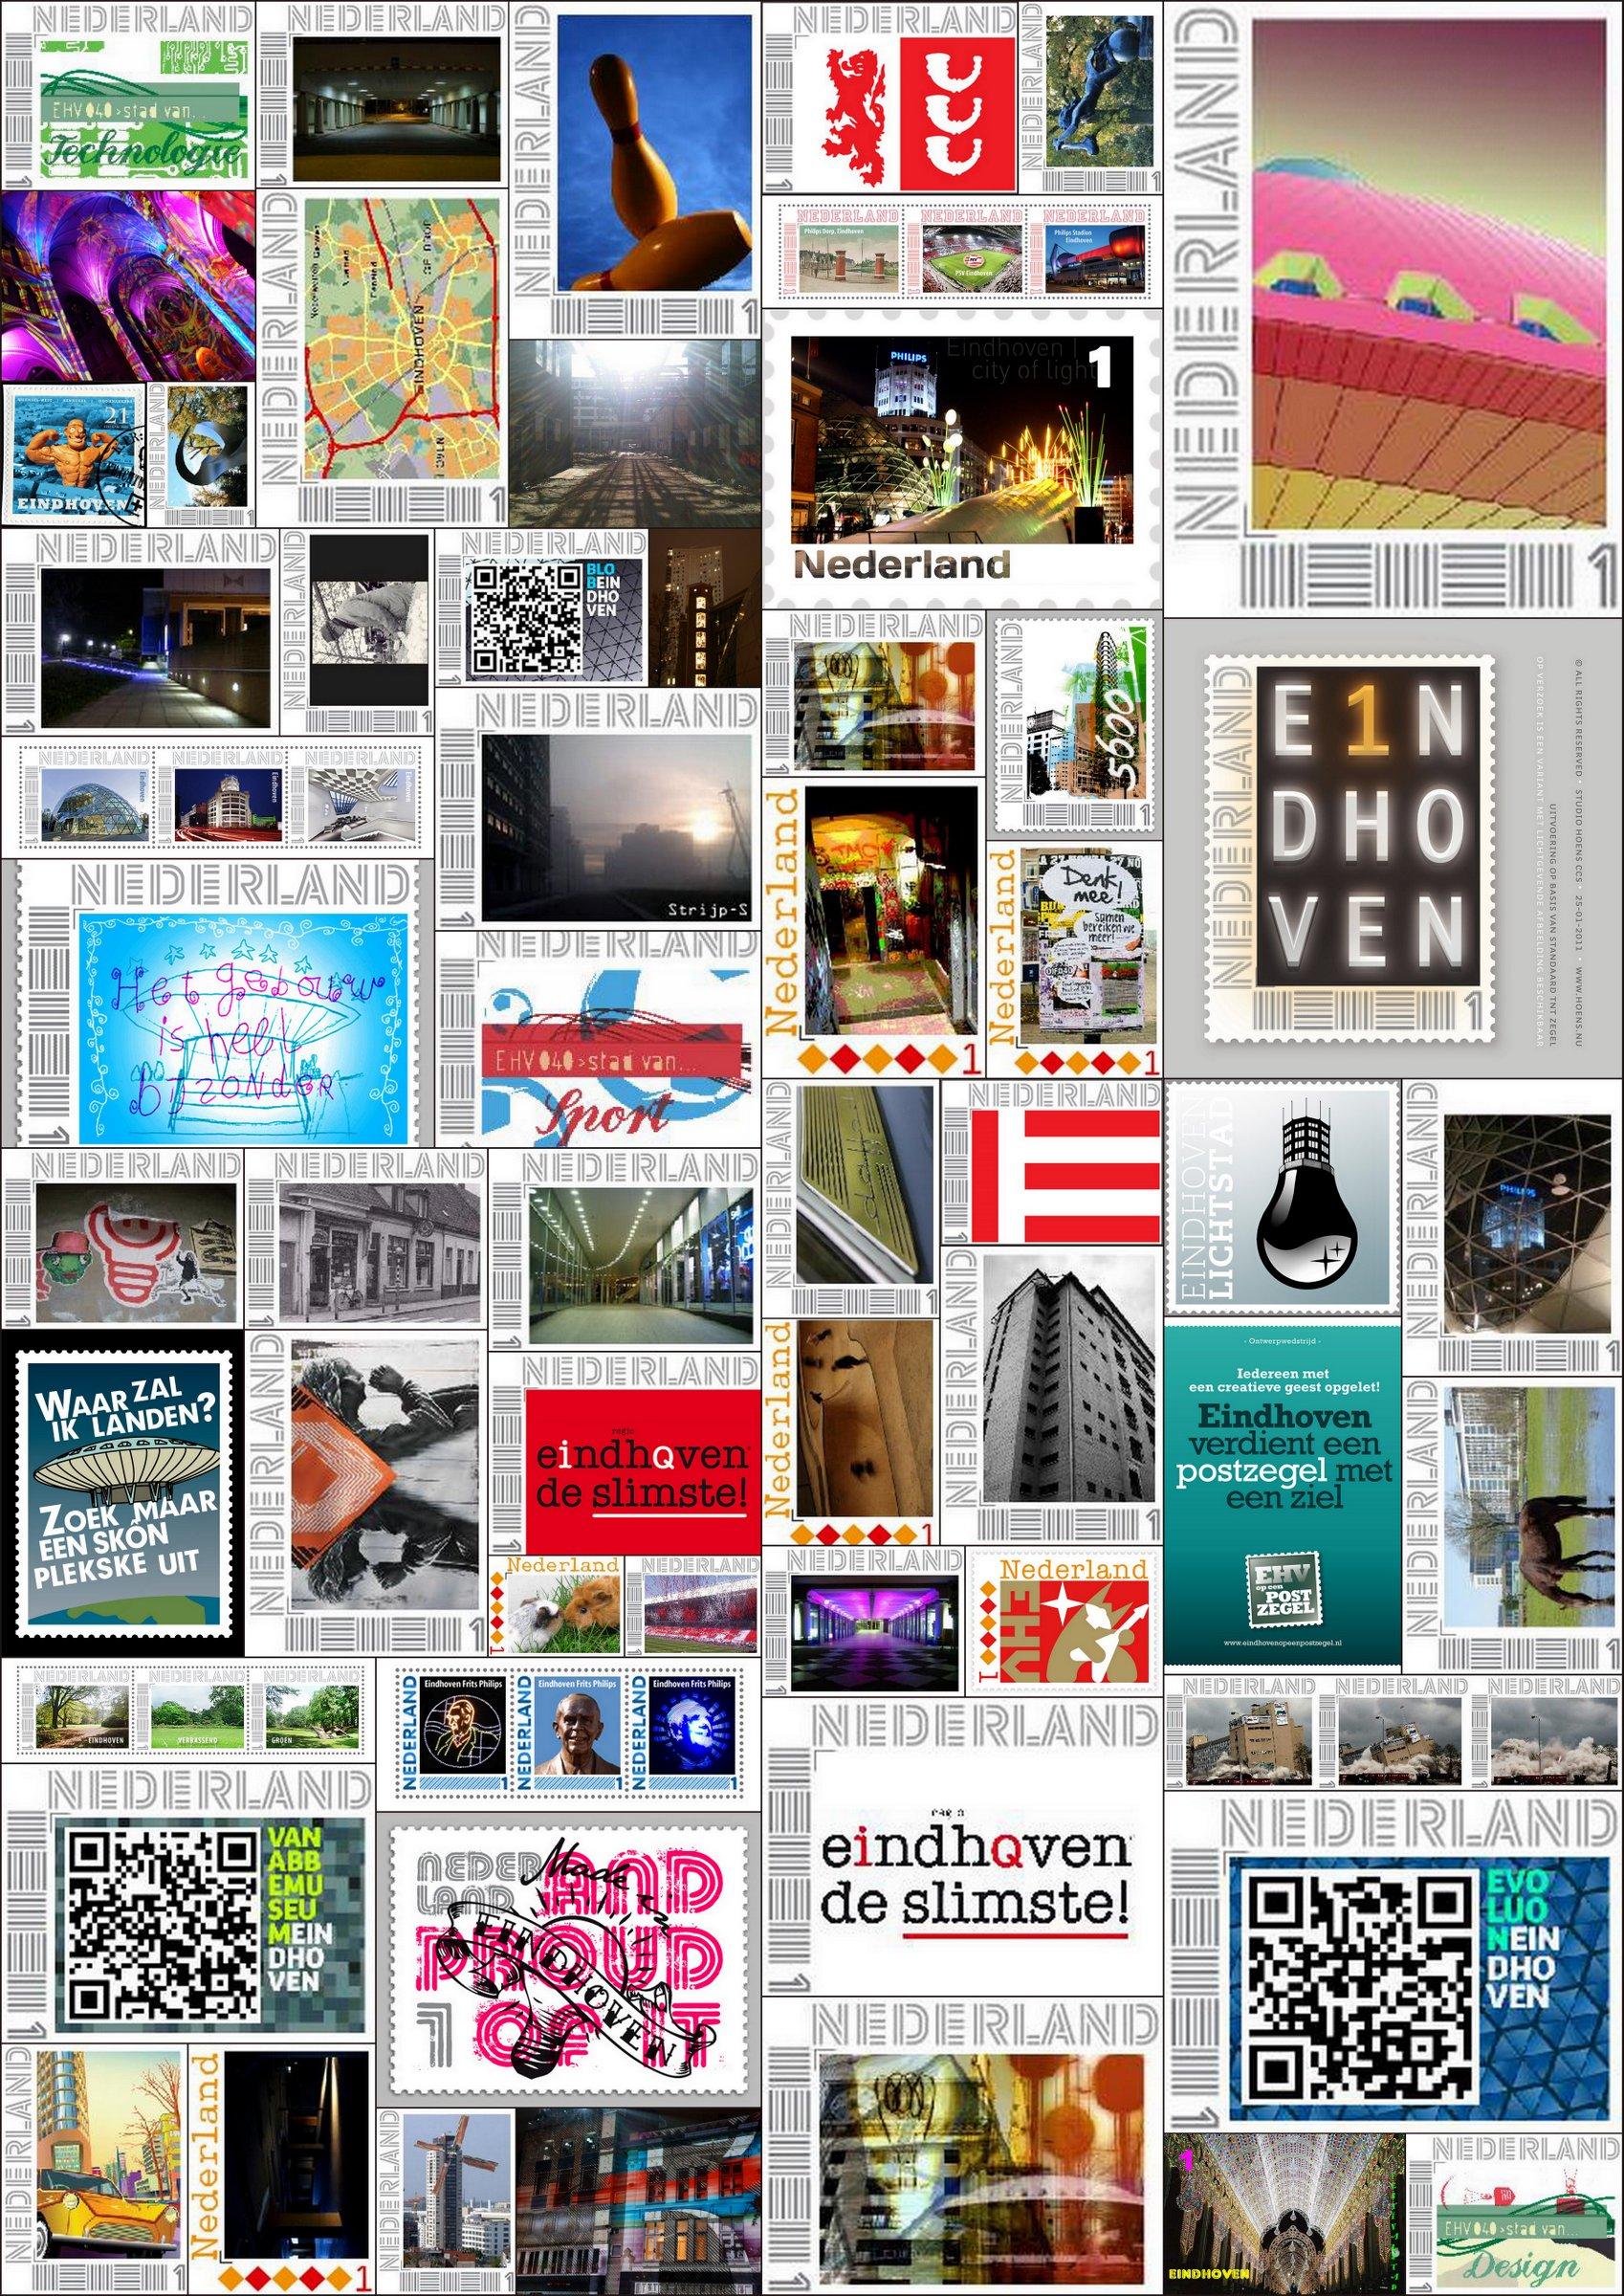 Collage inzendingen Eindhoven op een Postzegel.